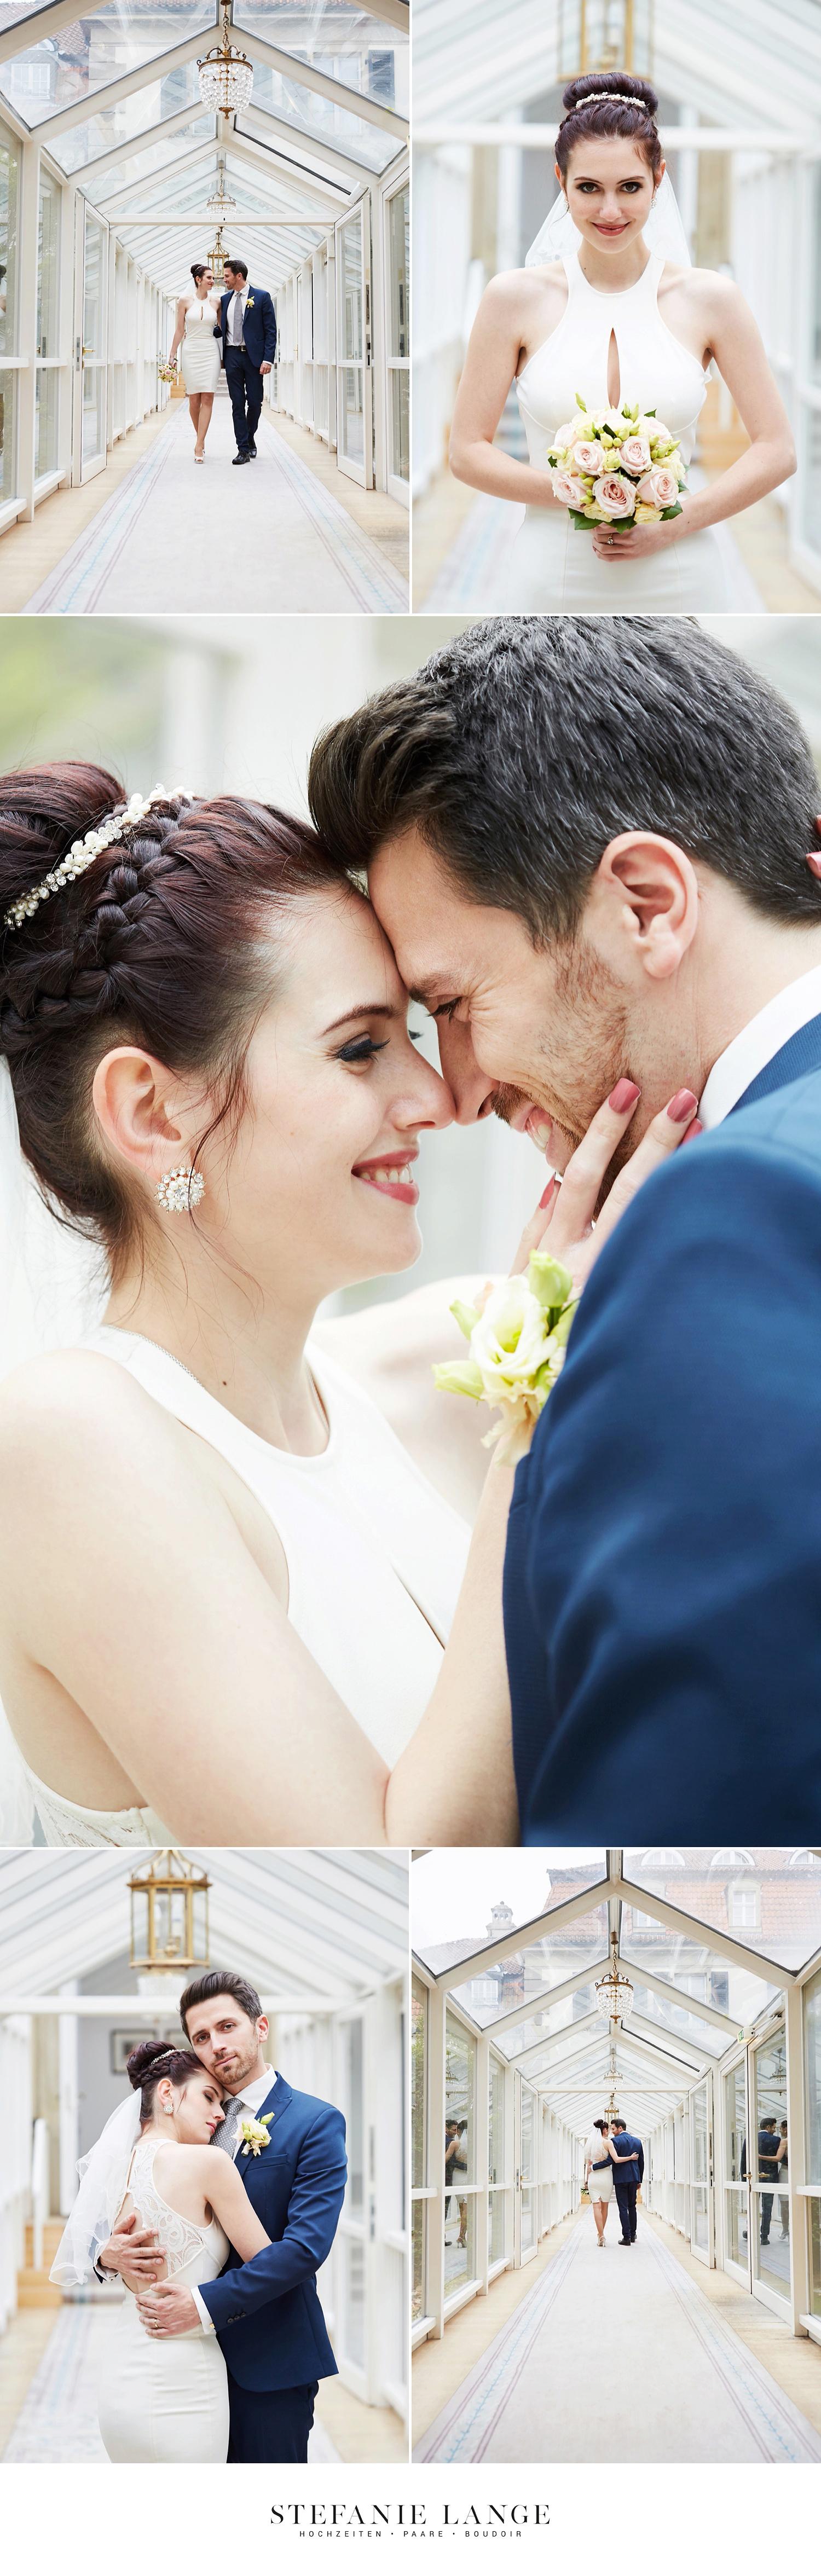 Hochzeit im Patrick Hellmann Schlosshotel Grunewald in Berlin - Brautpaar Shooting im Gewächshaus, Braut im Wintergarten - Hochzeitsfotos von Stefanie Lange